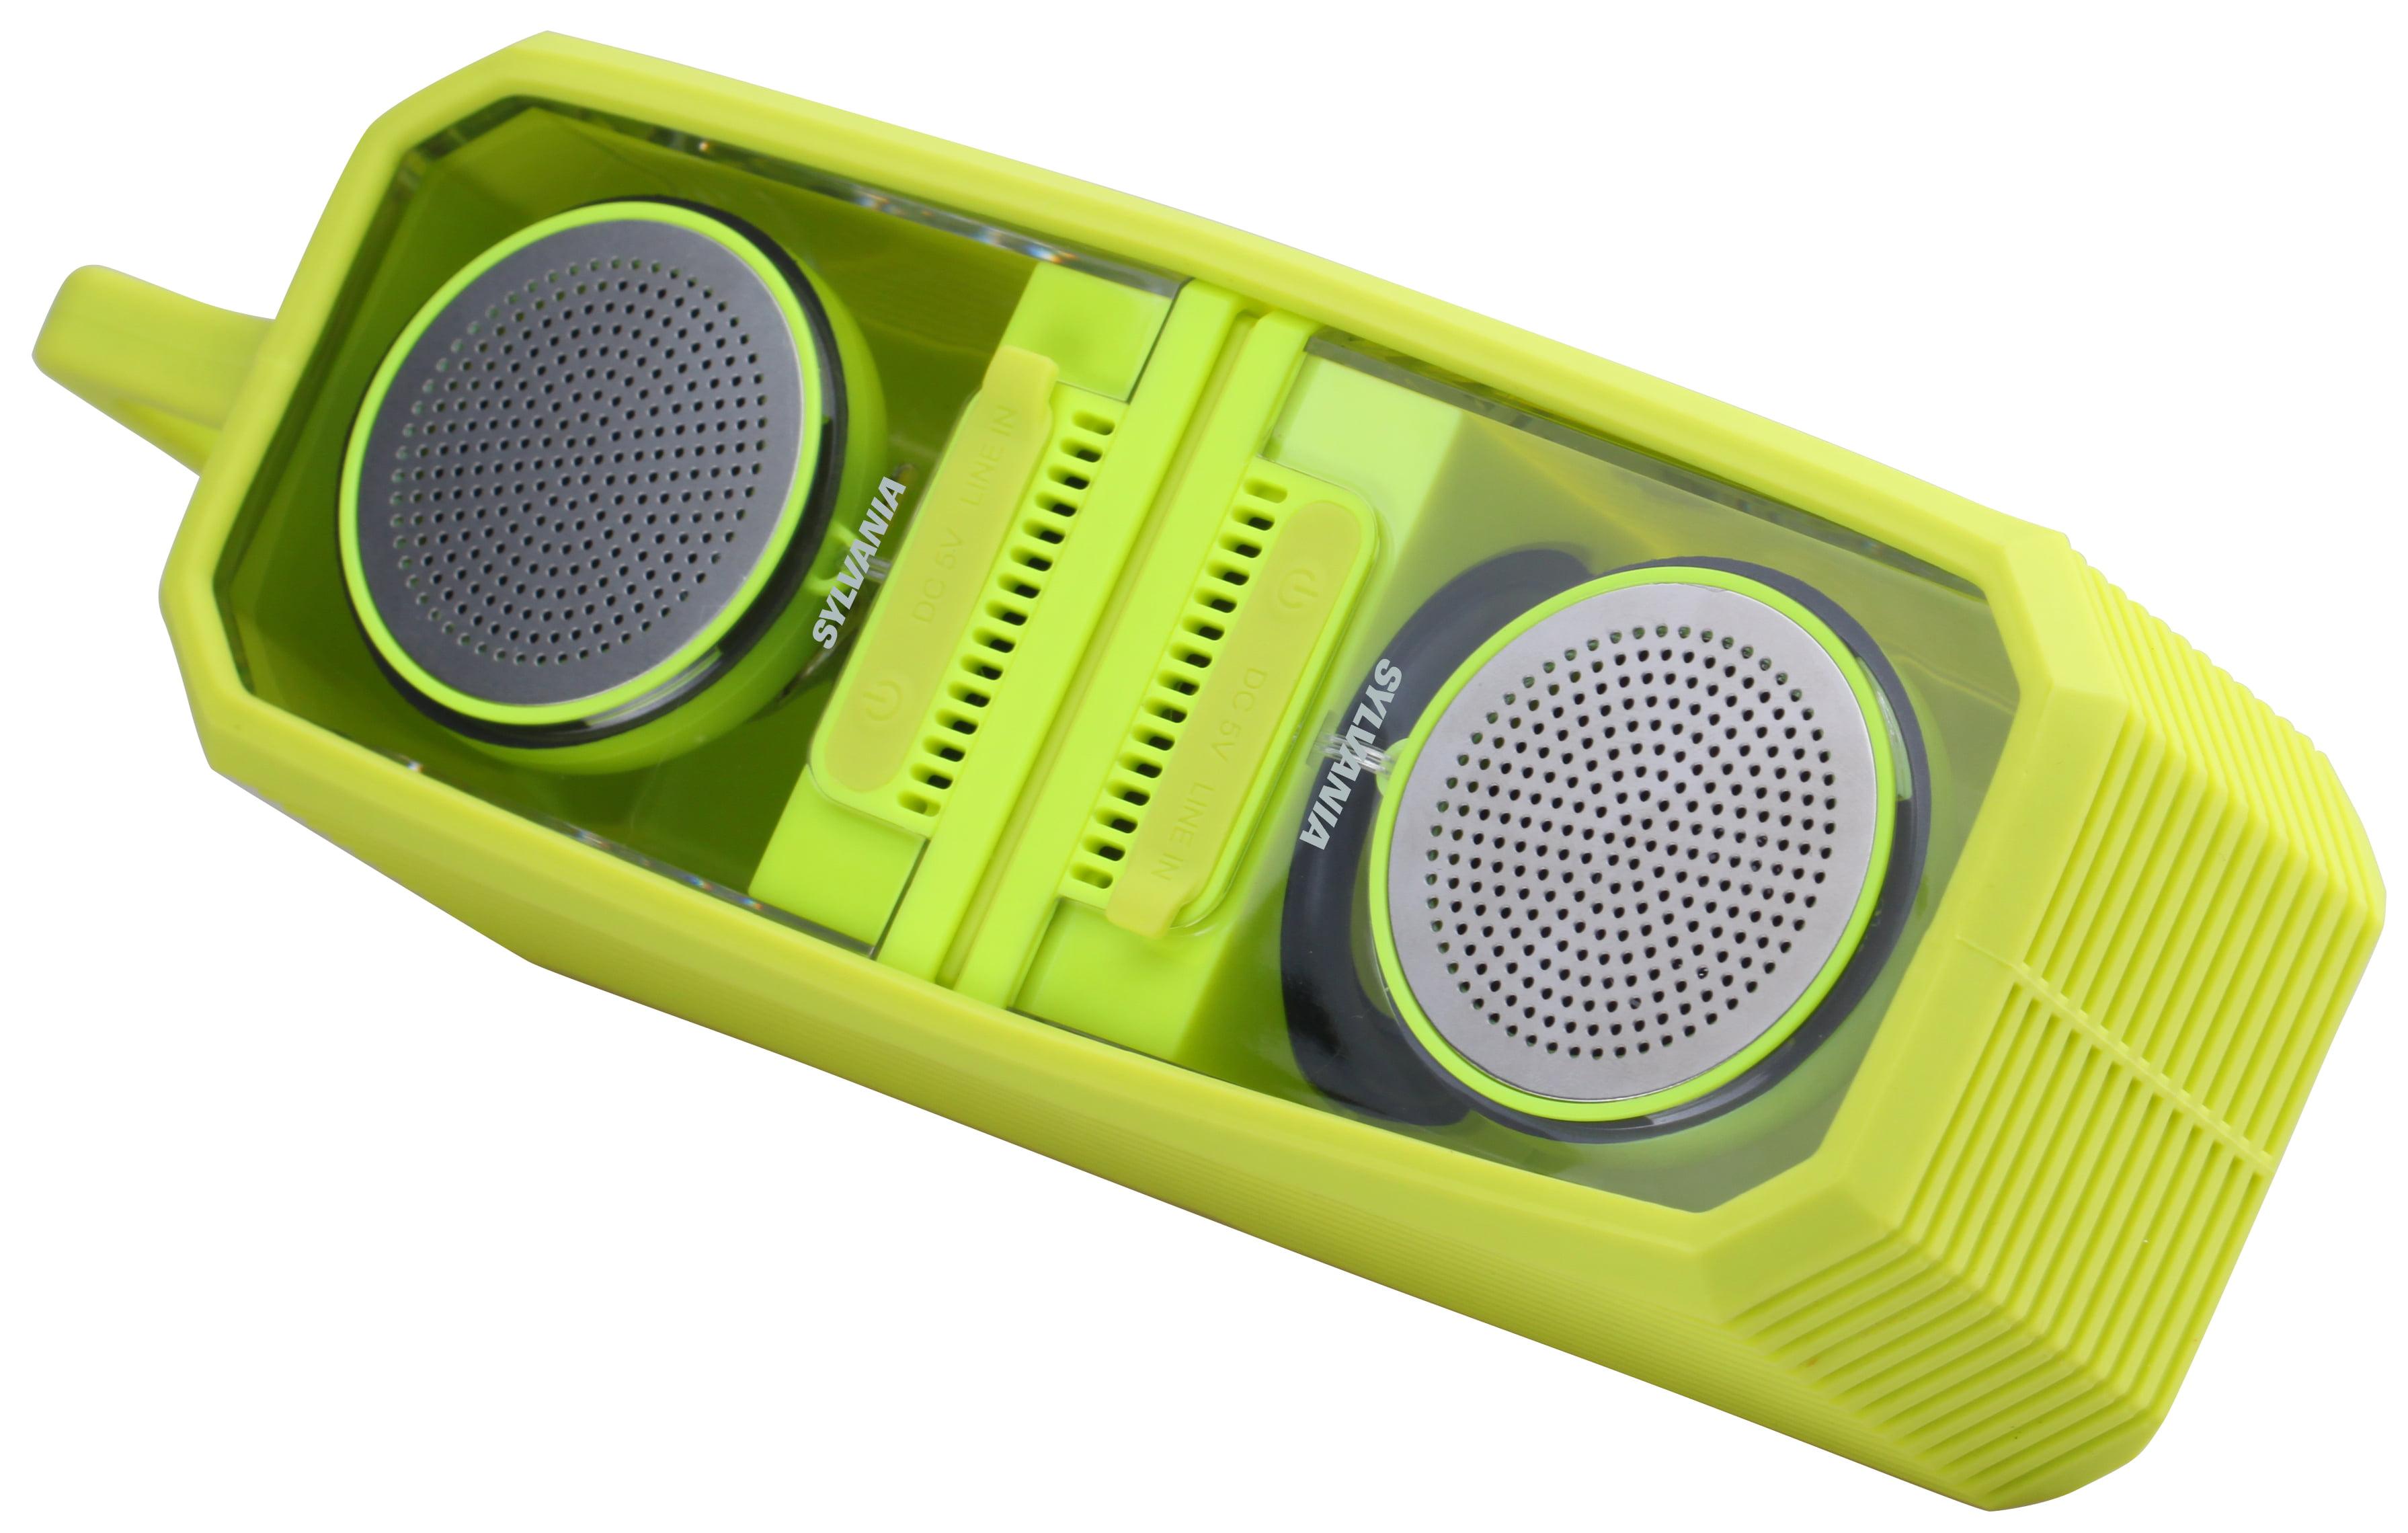 Sylvania TWS Magnetic Bluetooth(r) Speaker Pair, Silicon Wrap, Citrus,  (SP10) - Walmart.com